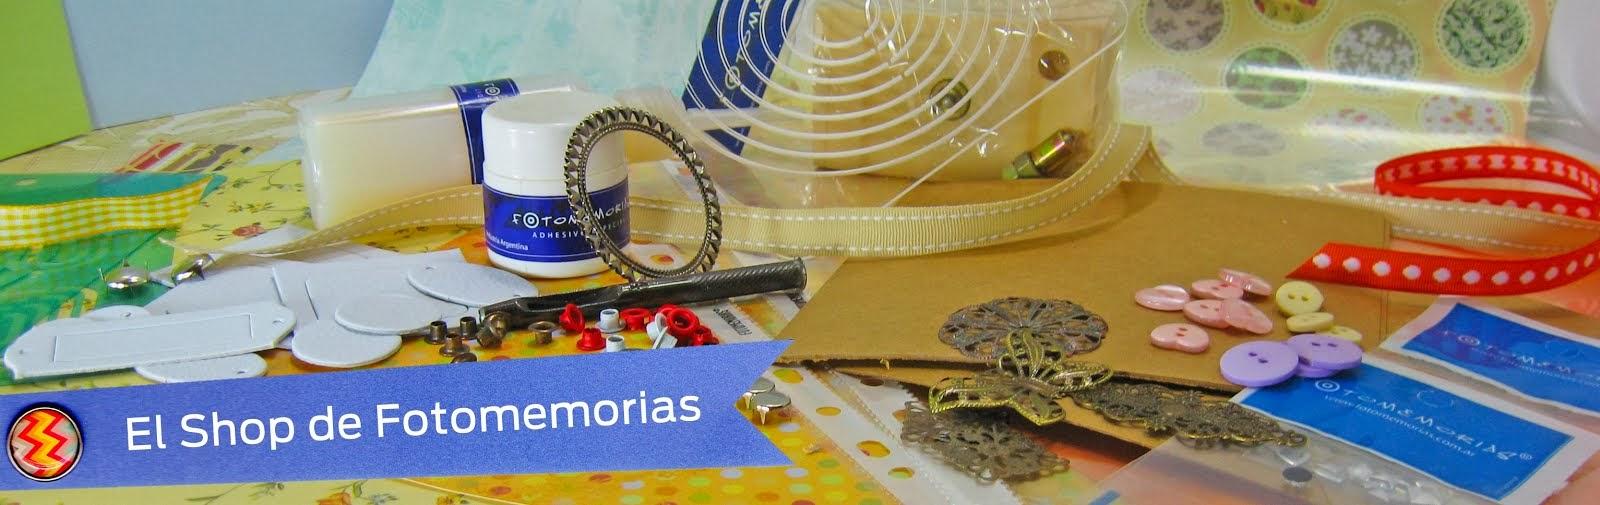 El Shop de Fotomemorias